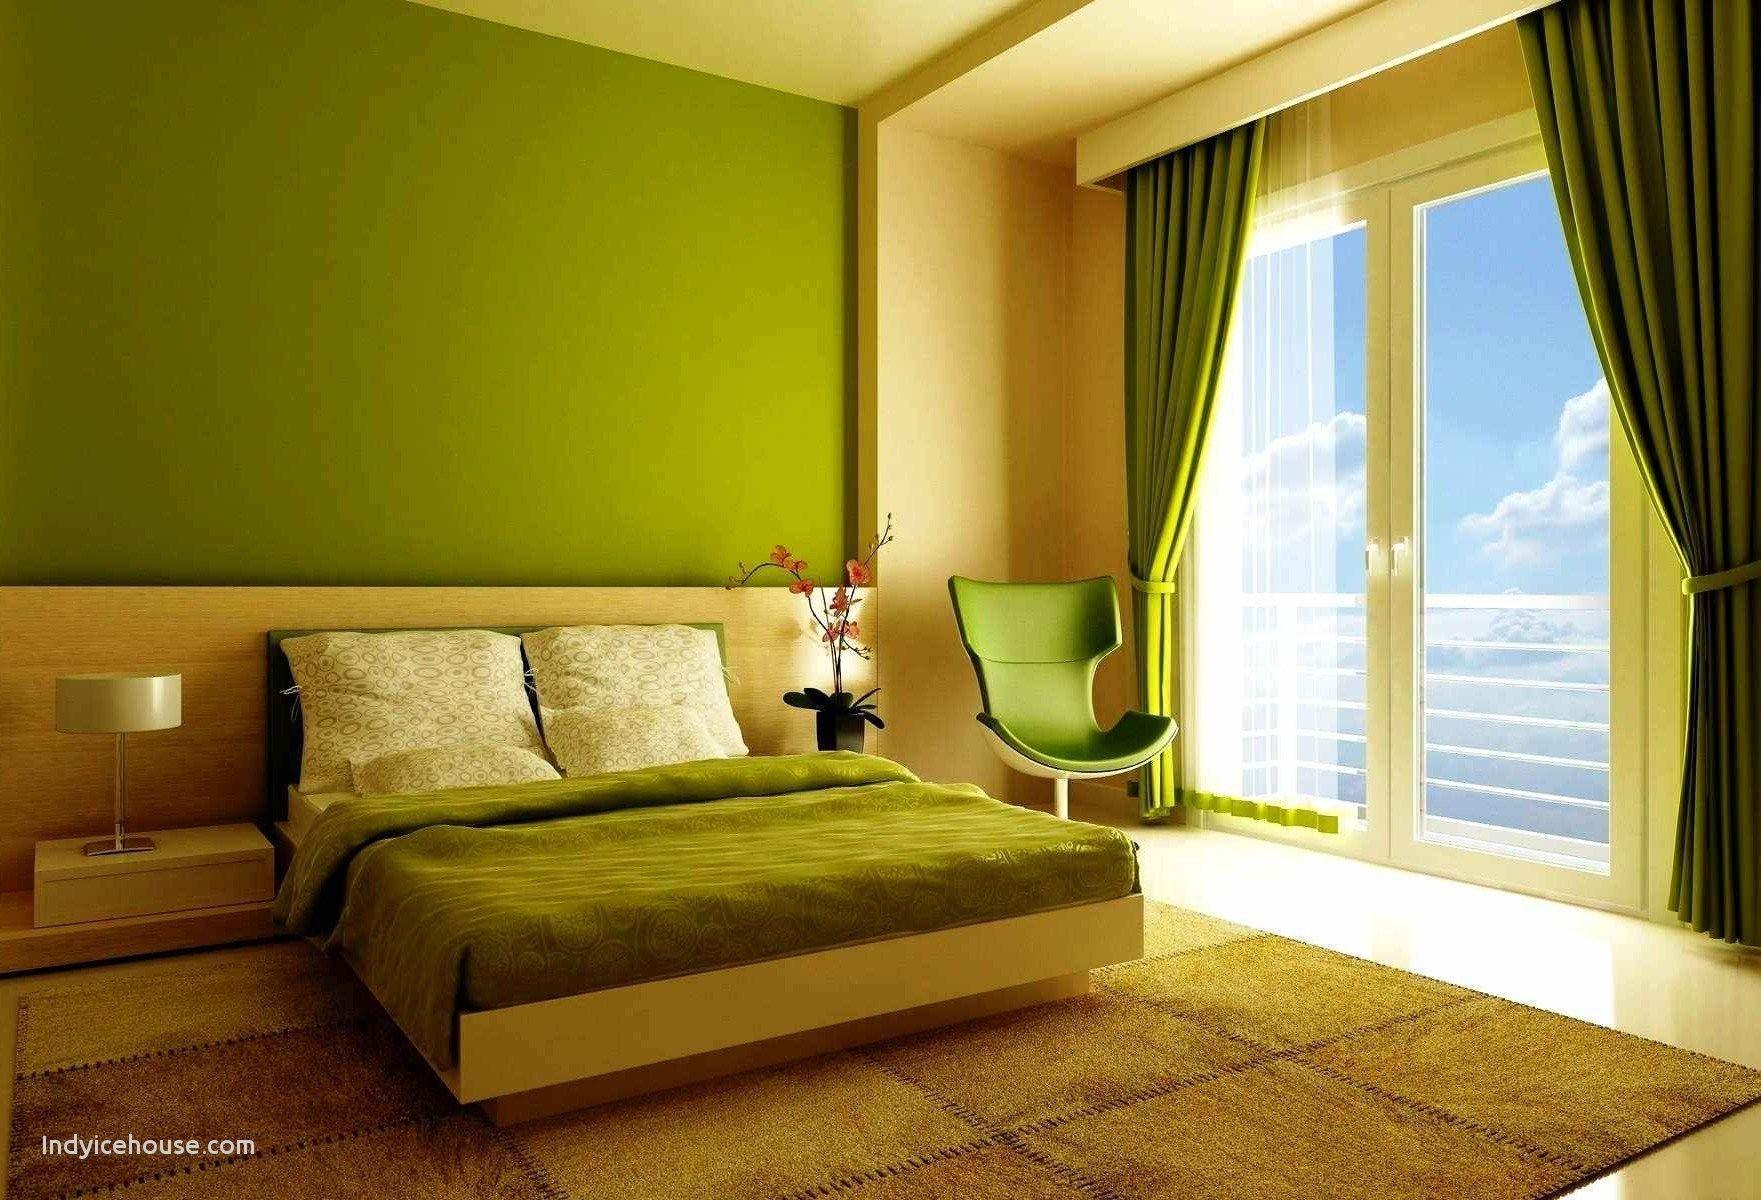 Beautiful Bedroom Wall Colors Vastu Walldecor Desain Ide Dekorasi Kamar Tidur Ruangan